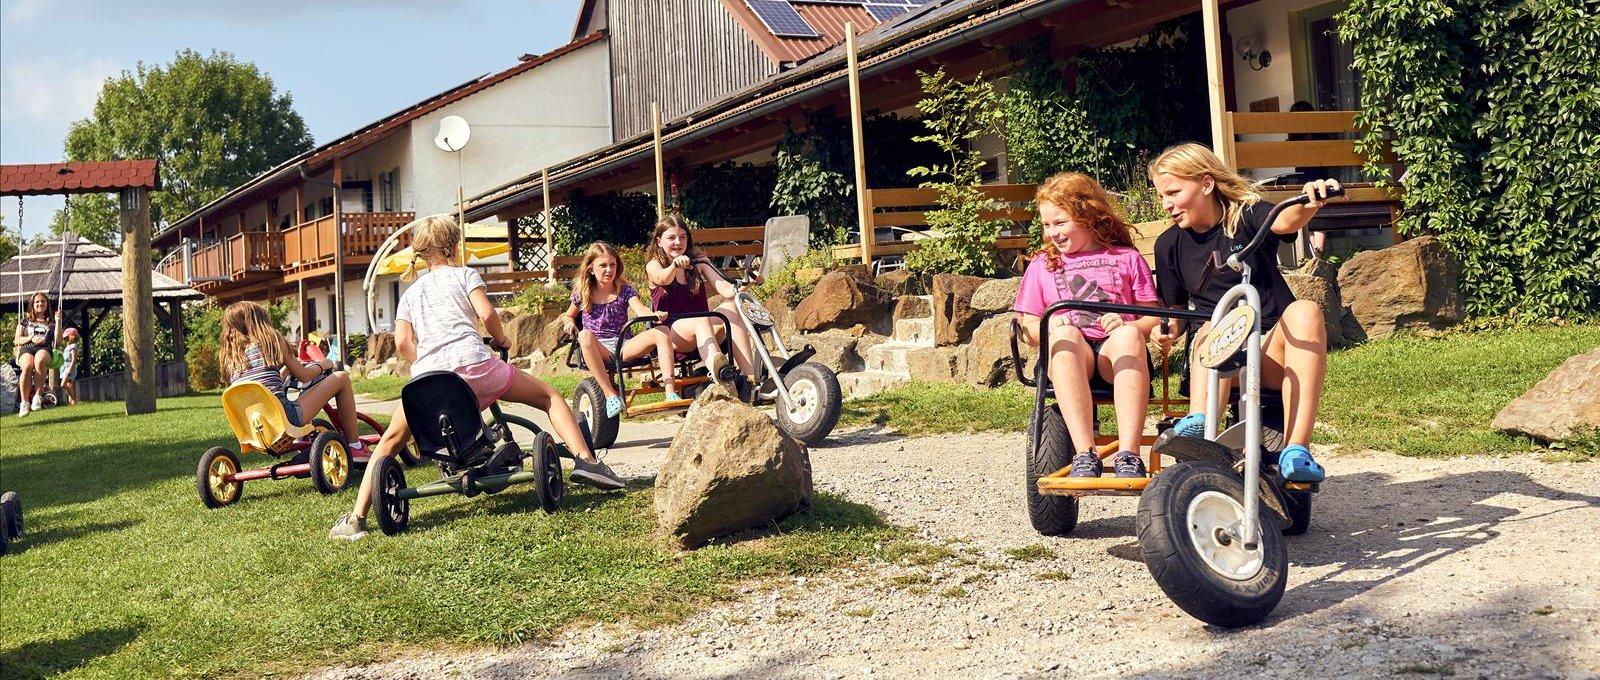 ponyferienhof-panoramabilder-niederbayern-kinder-ponyhof-spielen